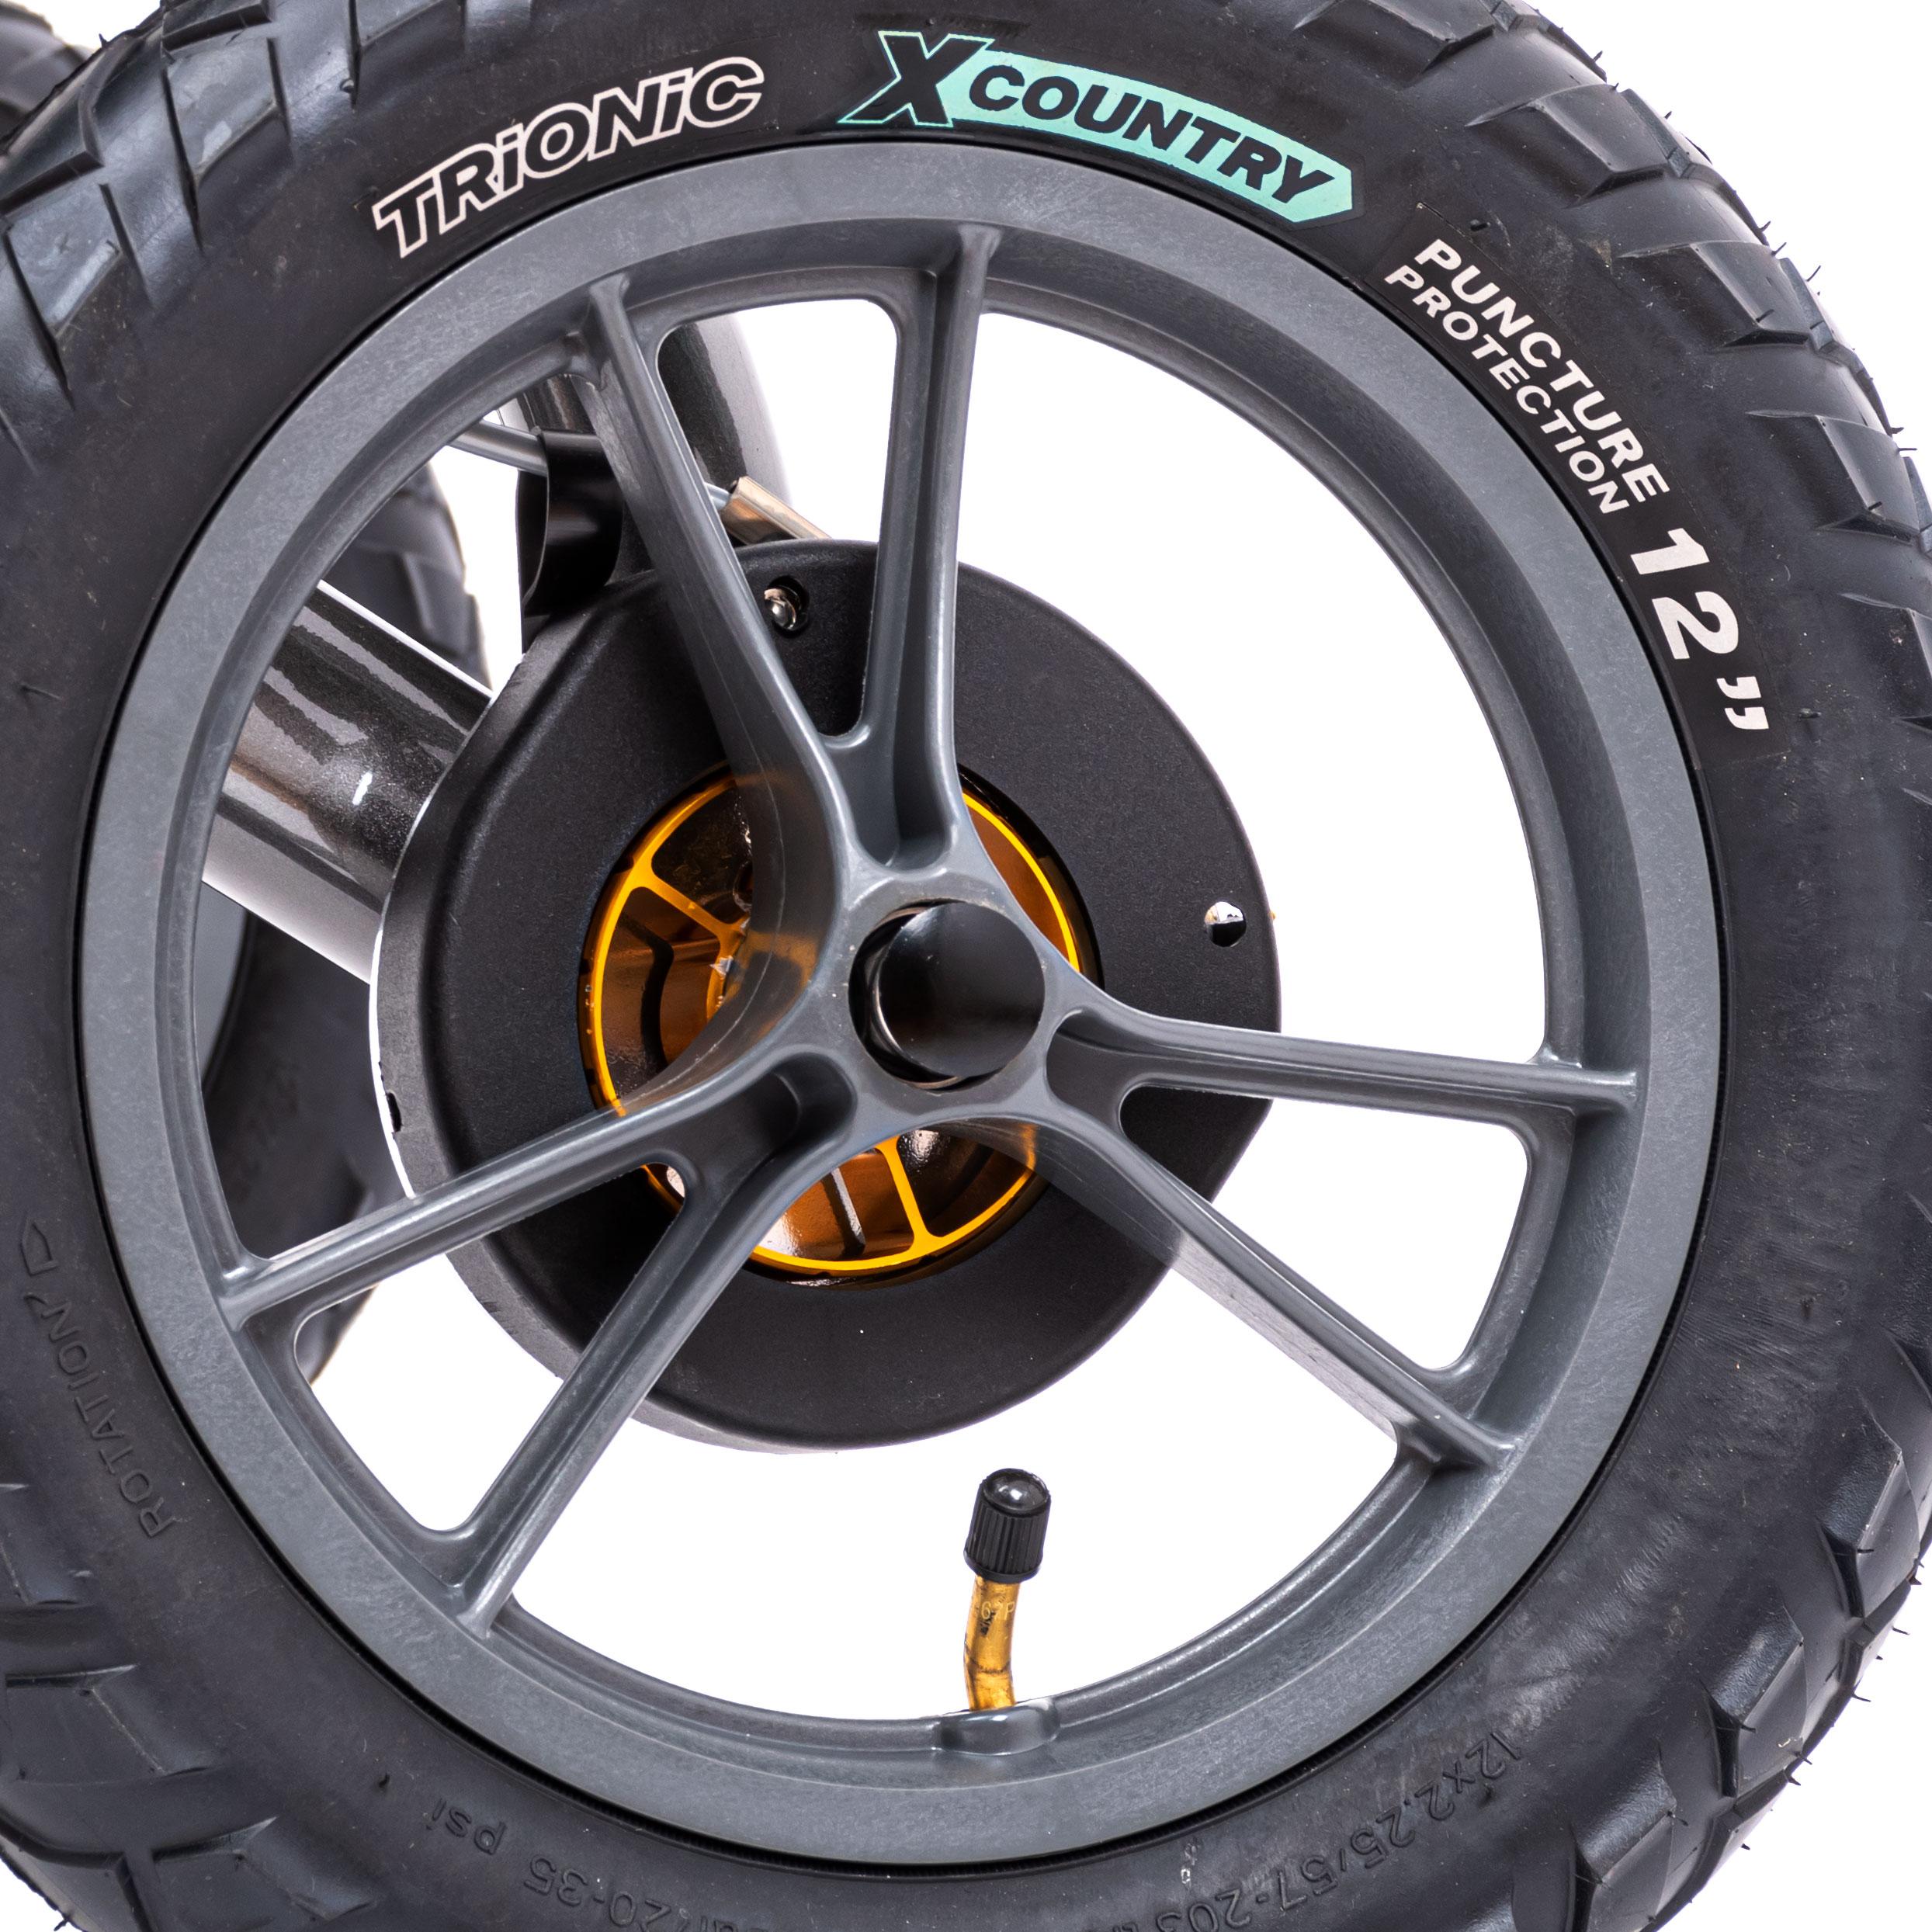 공기압 타이어 입니다.